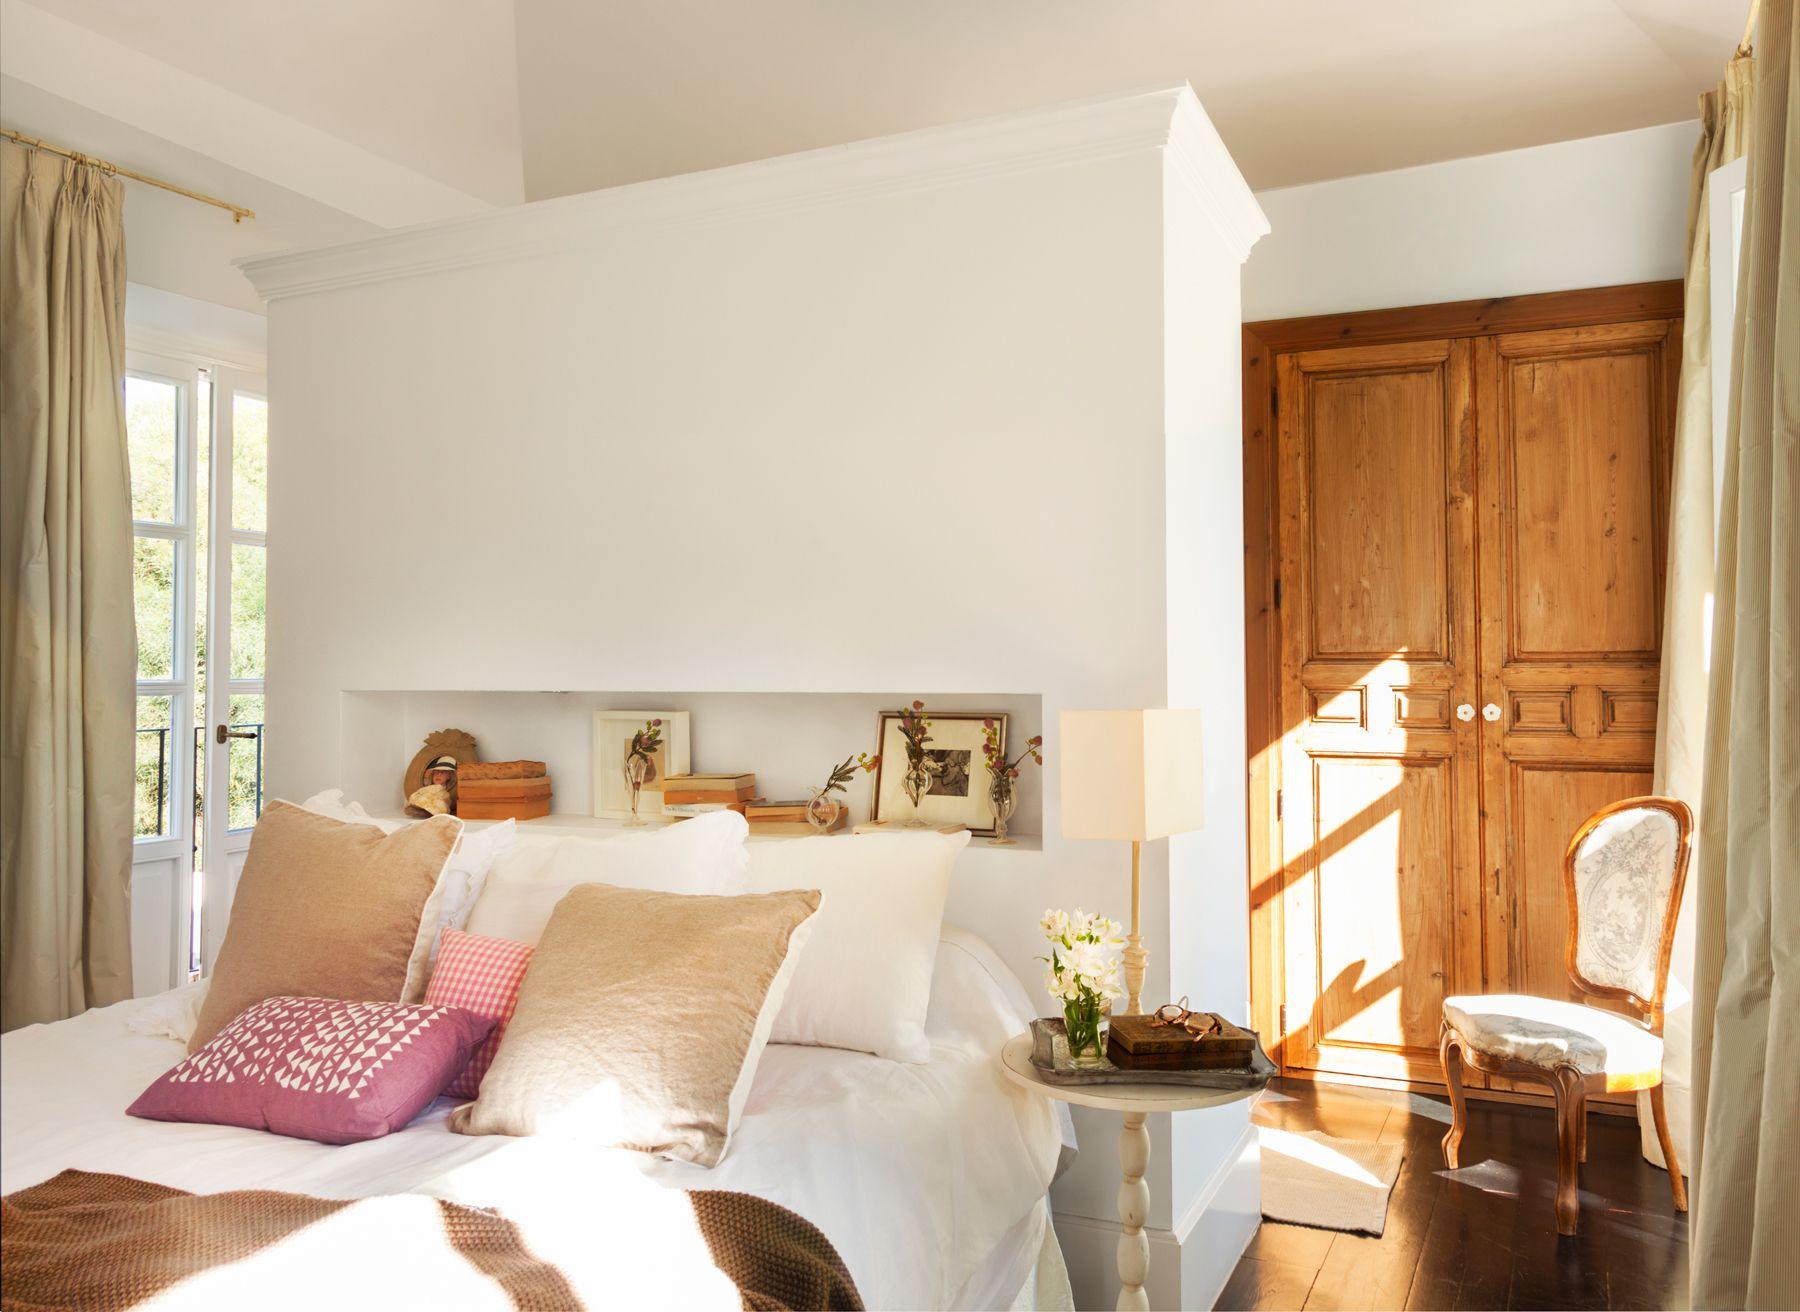 Cama apoyada en mueble de obra con hornacina y armario detrás ...